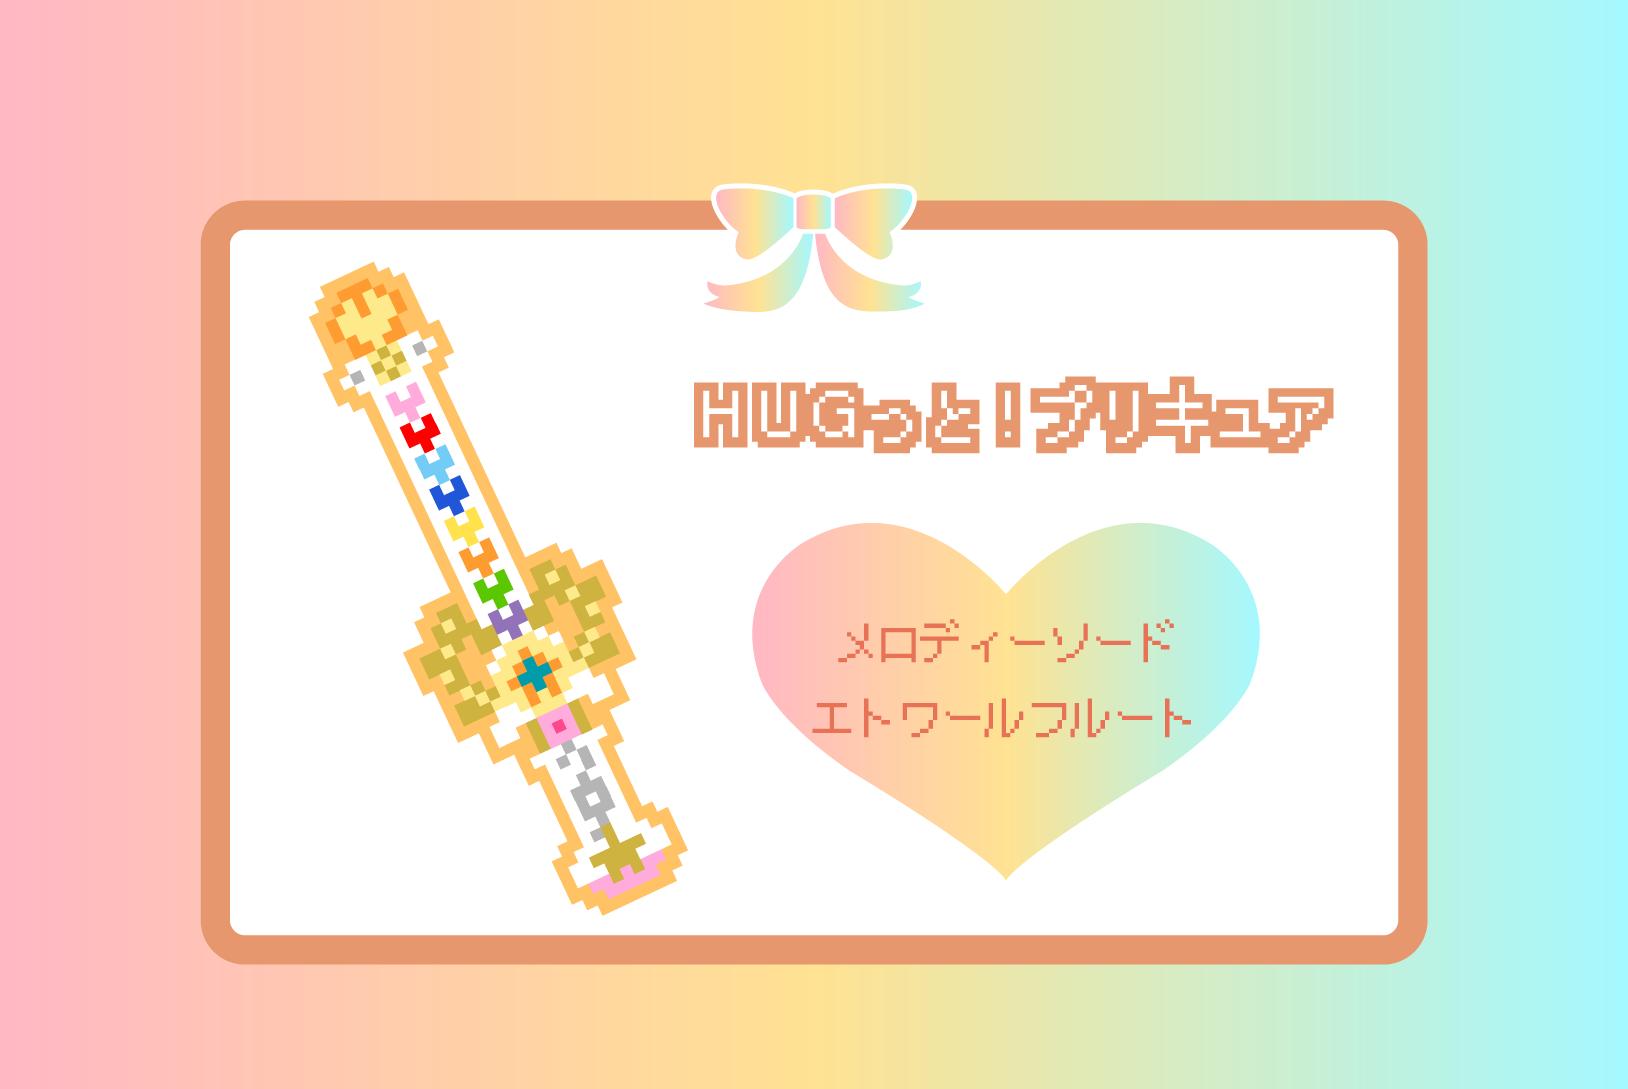 【HUGっと!プリキュア】エトワールフルートのアイロンビーズ図案【メロディーソード】